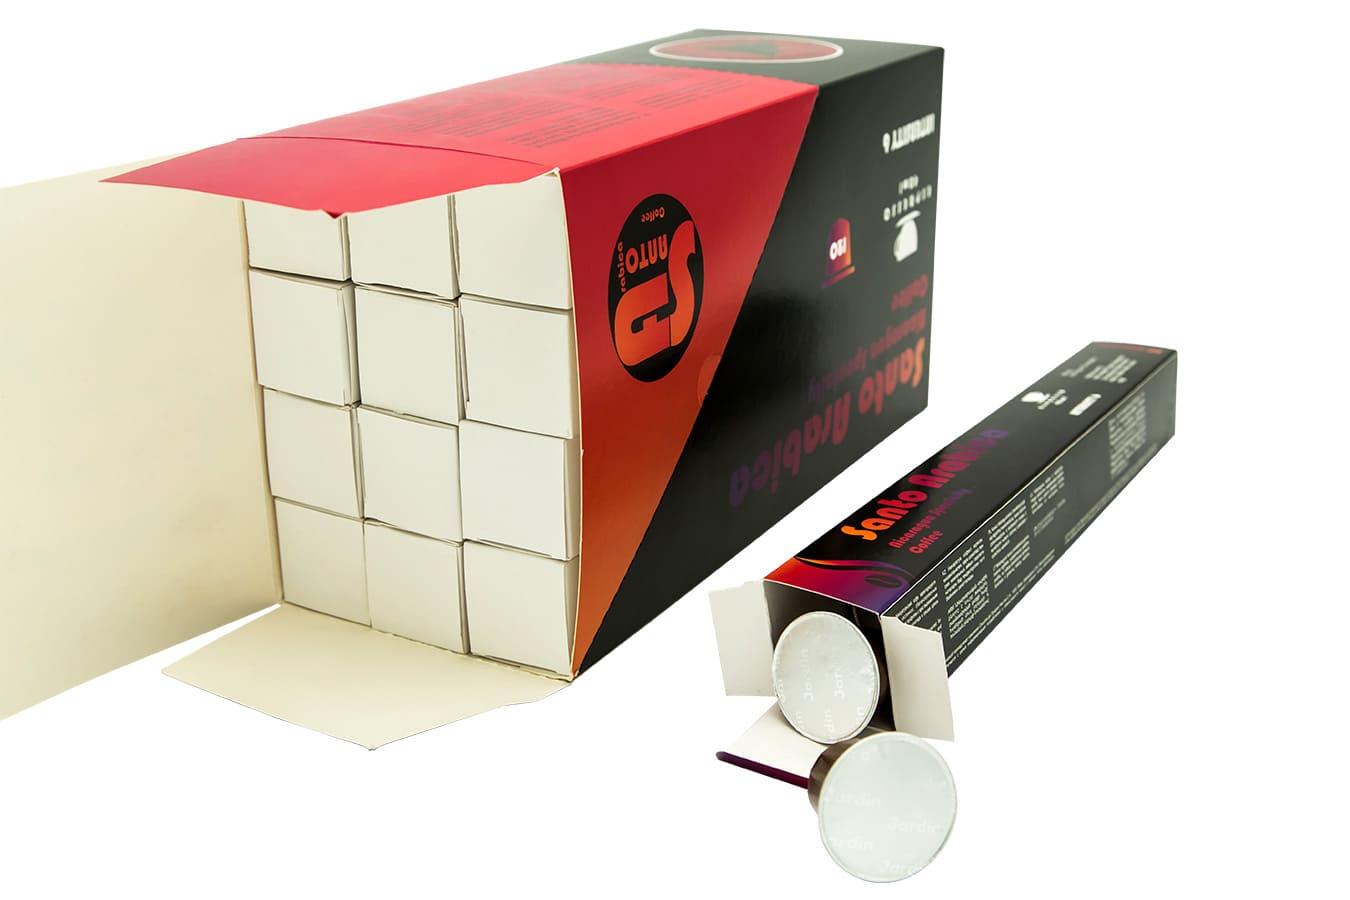 тестовые образцы коробок под капсулы для кофемашины